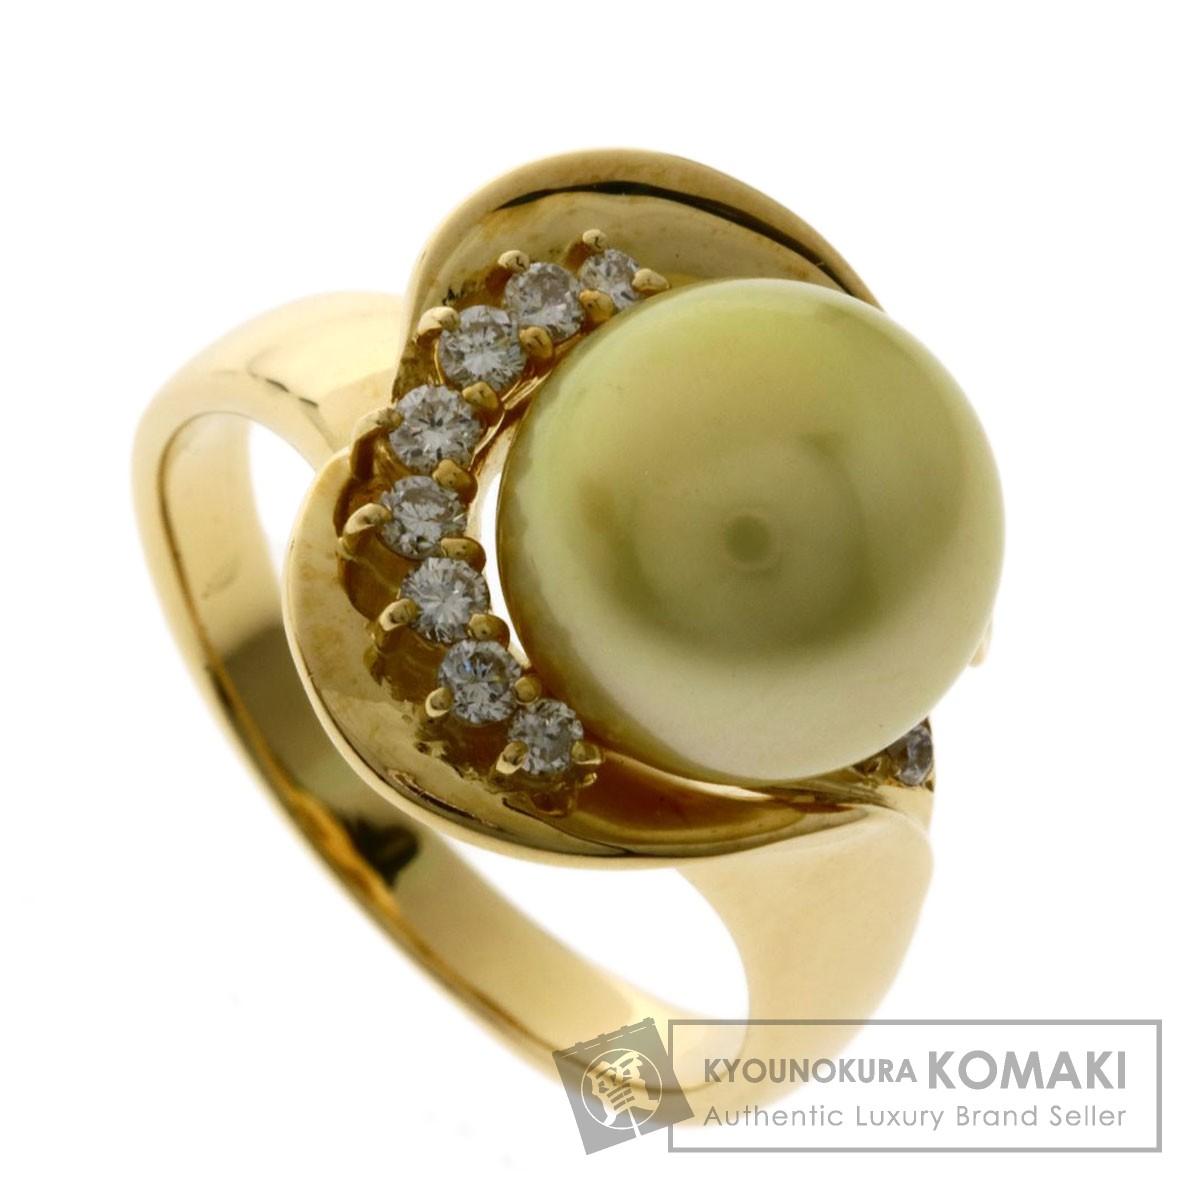 10.5ct パール 真珠 ダイヤモンド リング・指輪 K18イエローゴールド 9.1g レディース 【中古】